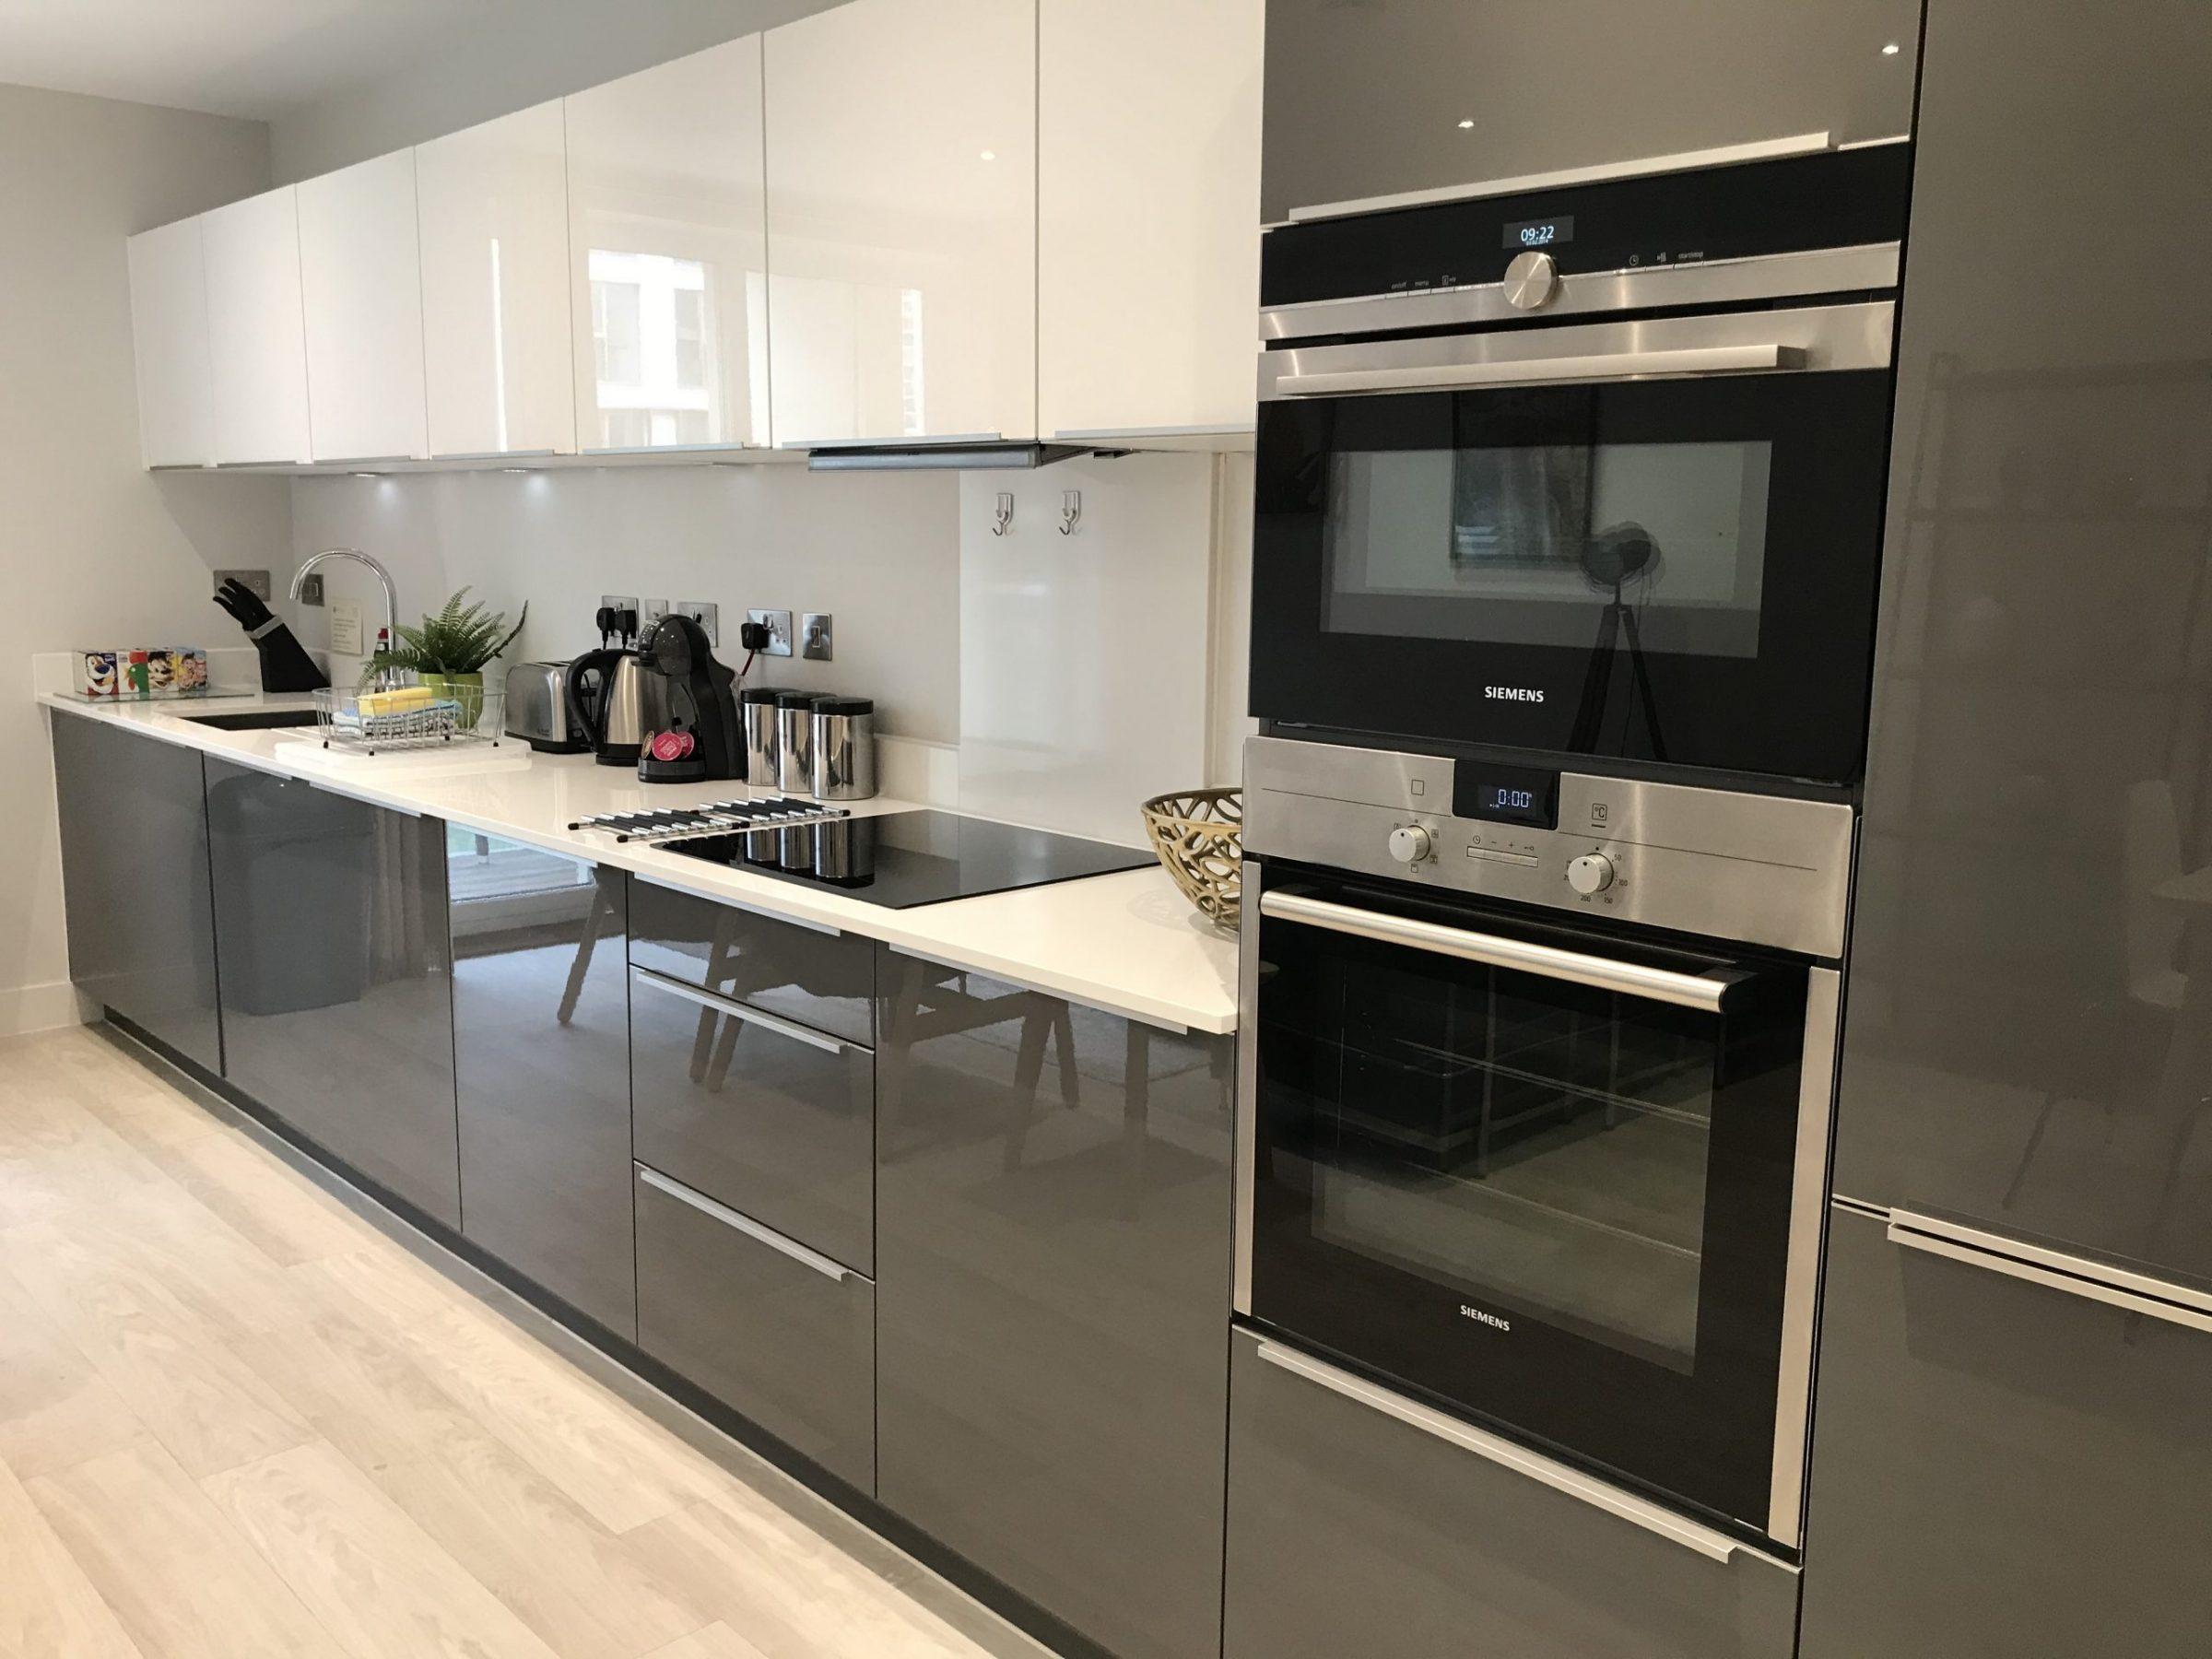 vesta-2-bed-kitchen